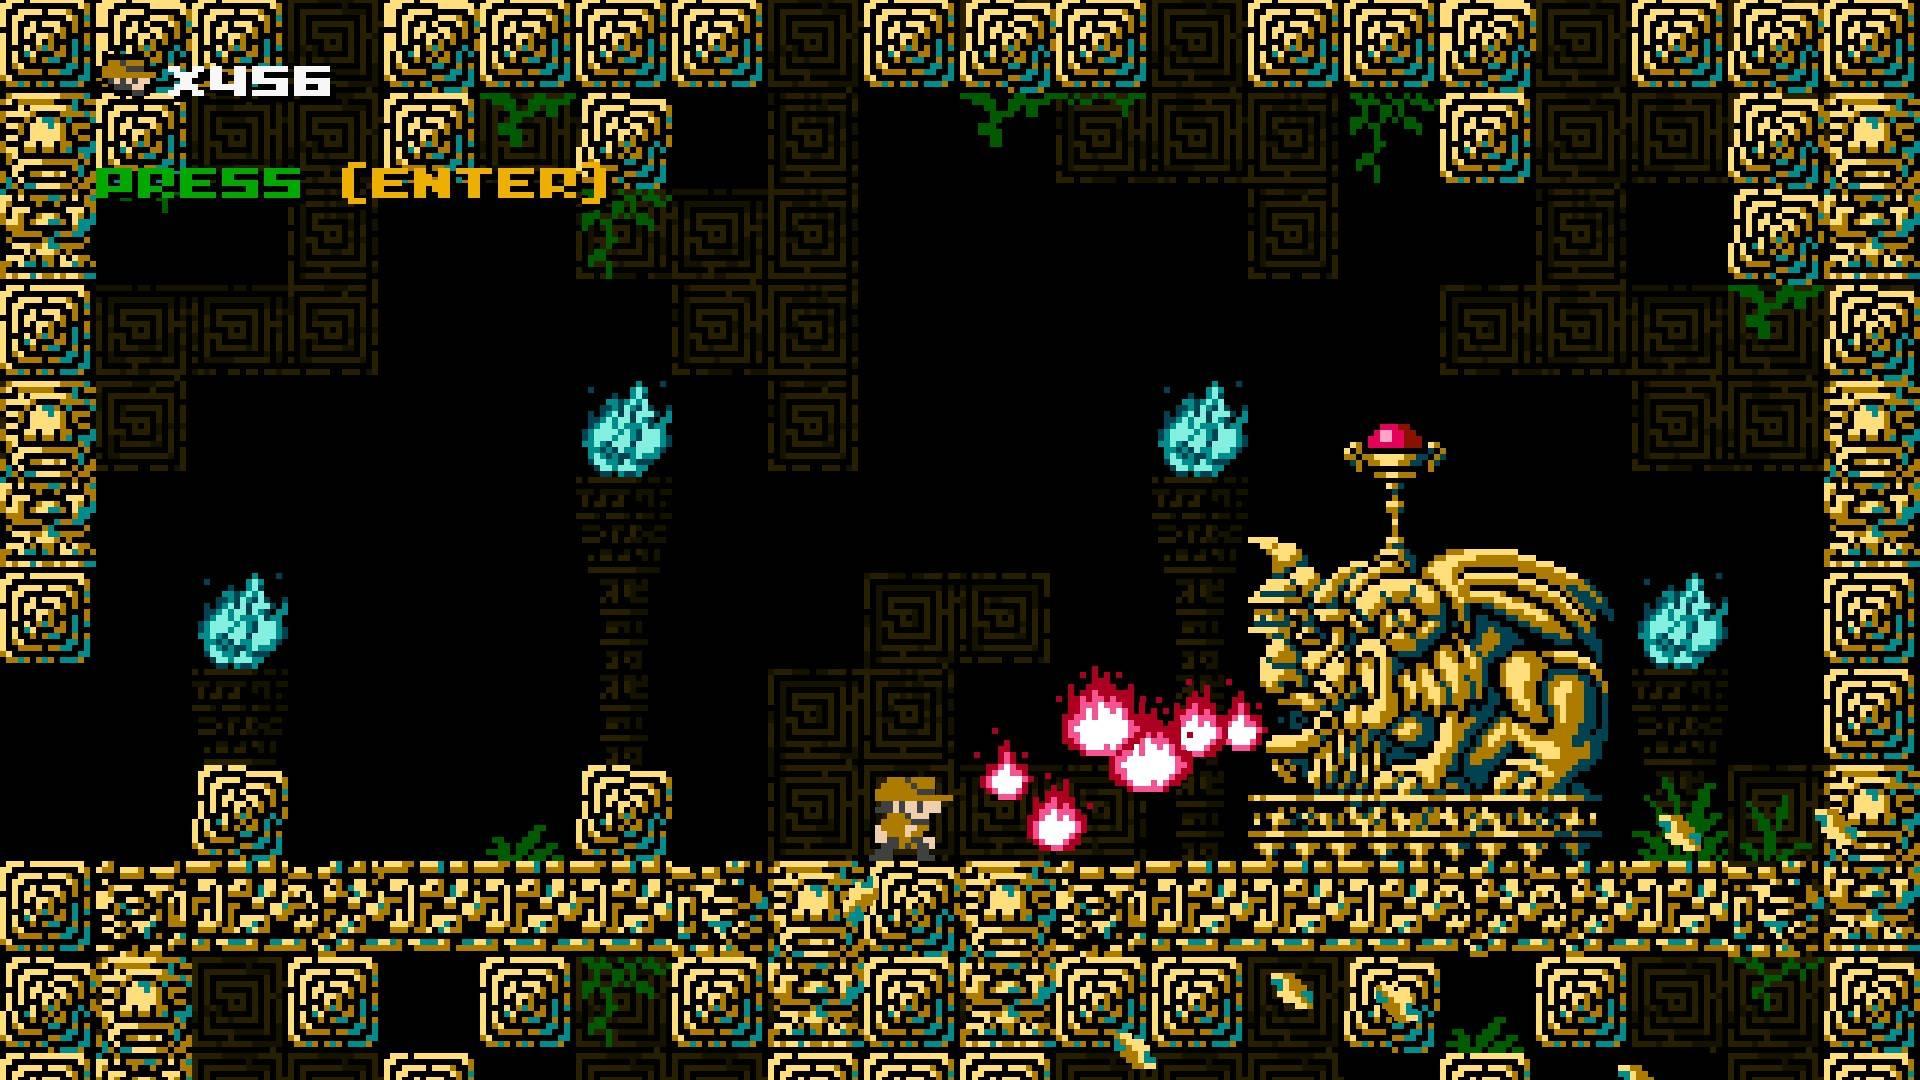 1001 Spikes Wii U - Nintenbit